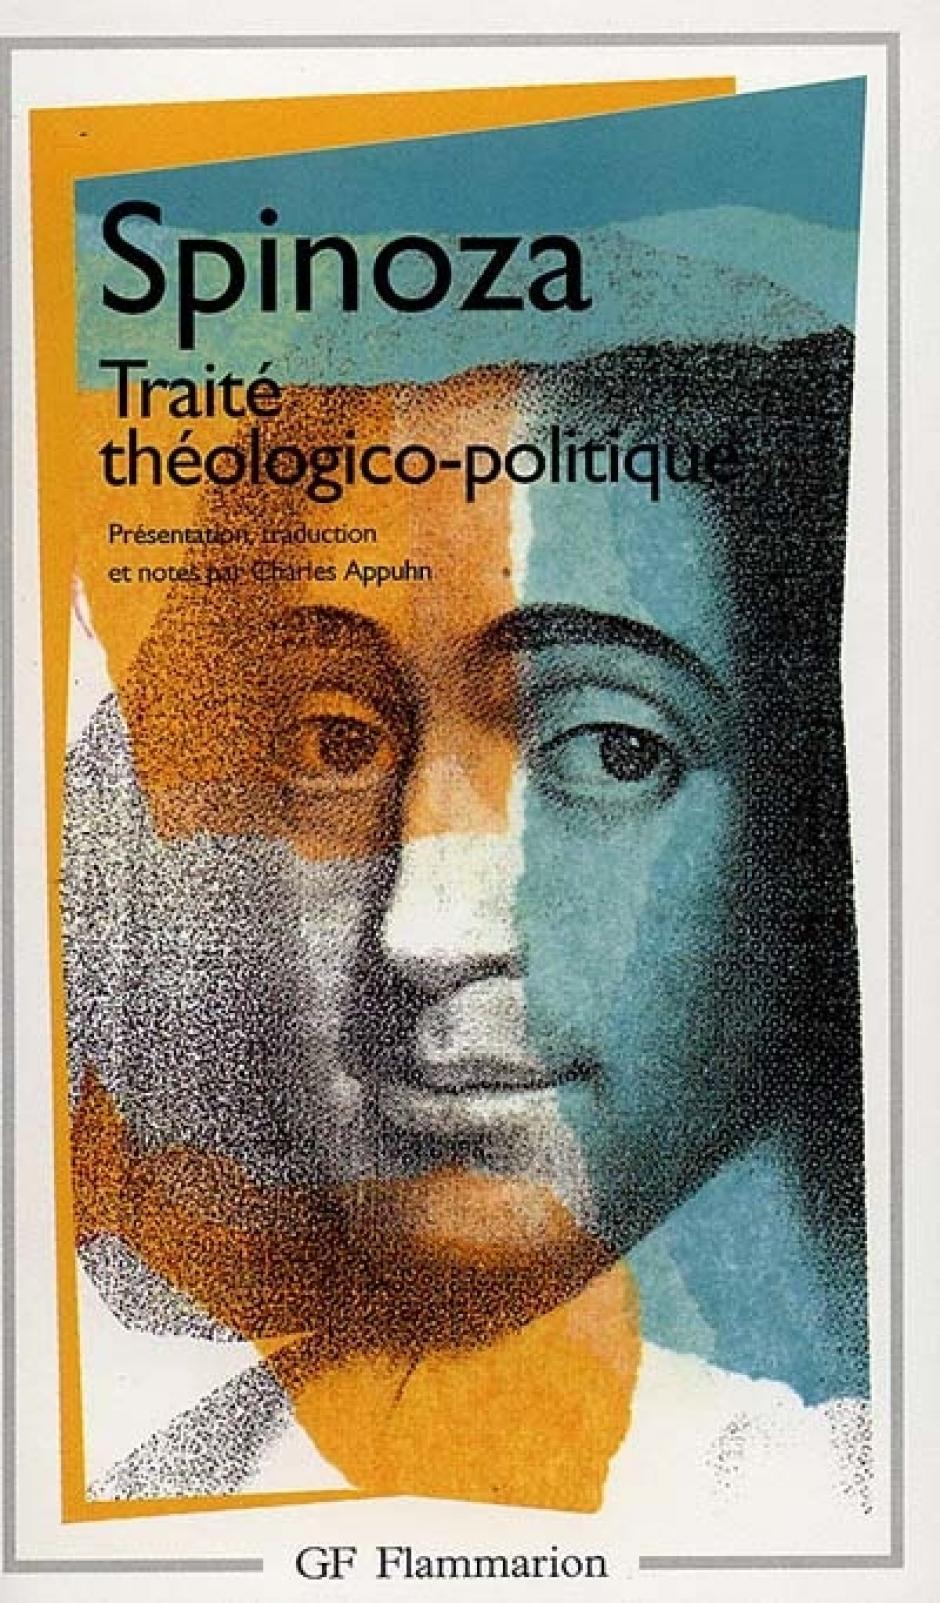 De la liberté de penser par Baruch spinoza